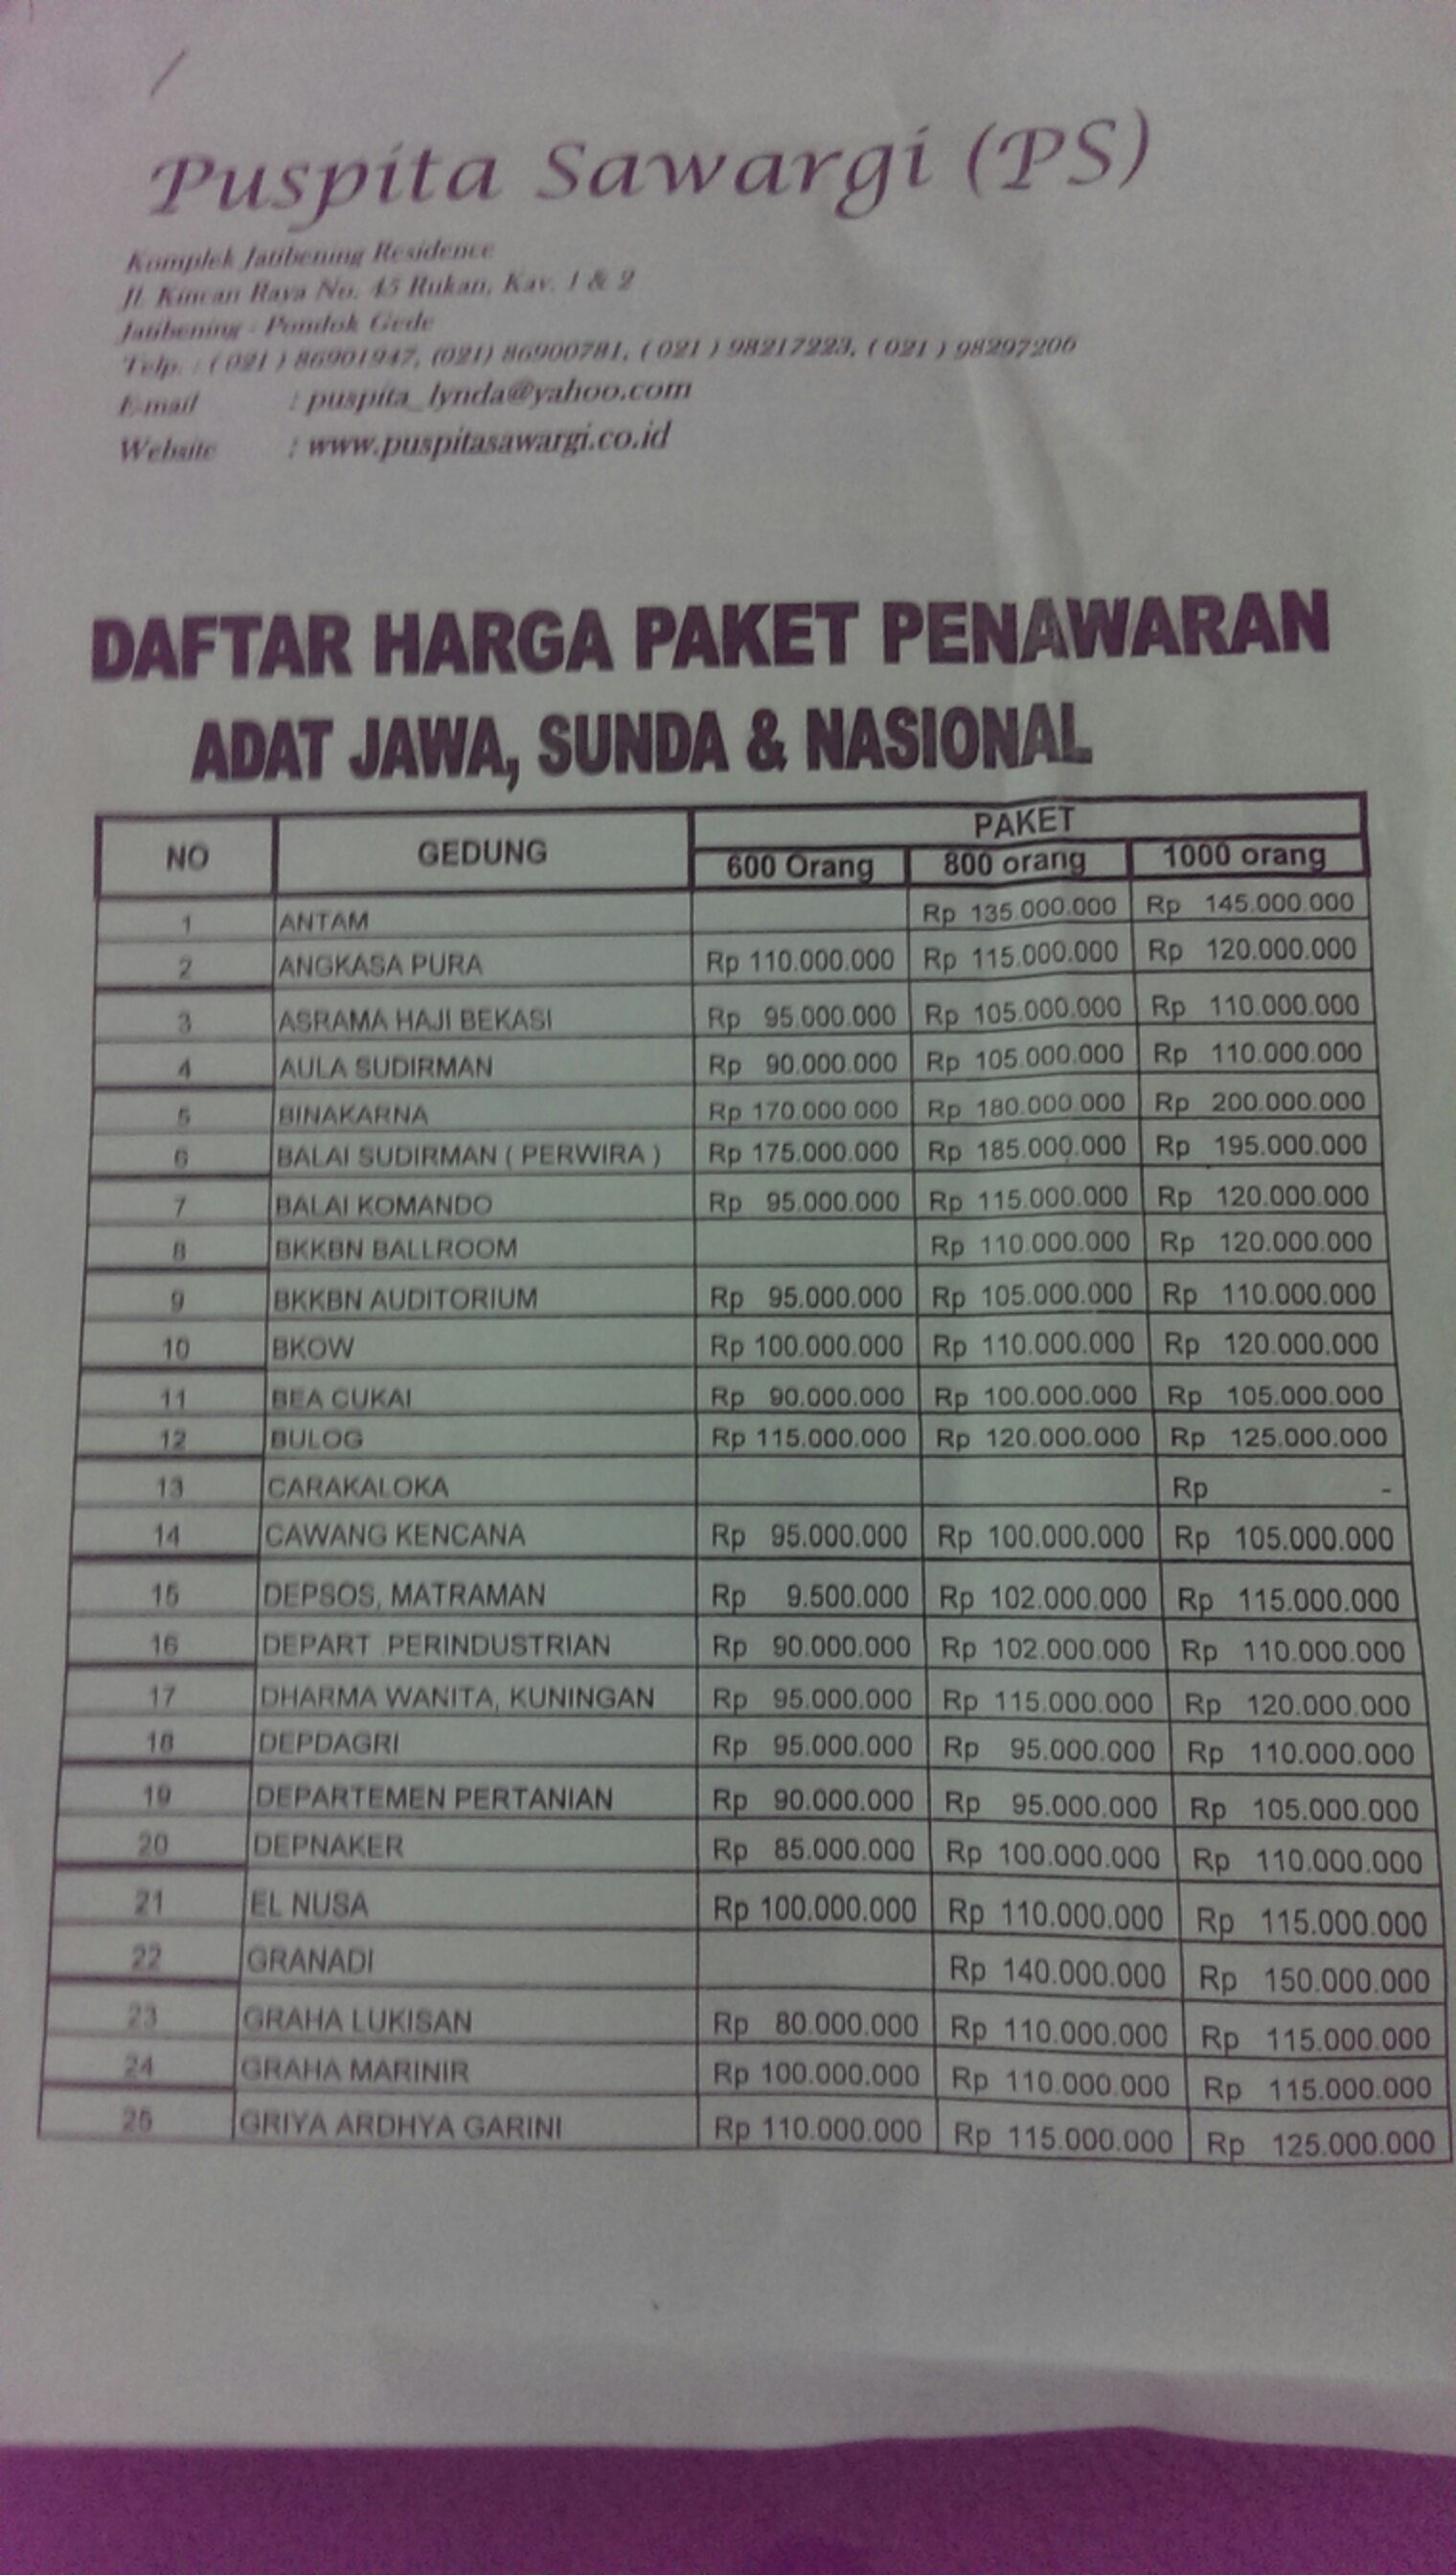 Puspita Sawargi 2014 December 3 2013 By Ettanaeni Puspitasawargi Undangan Adat Jawa Dari Kiri Ke Kanan Jumlah 300 400 500